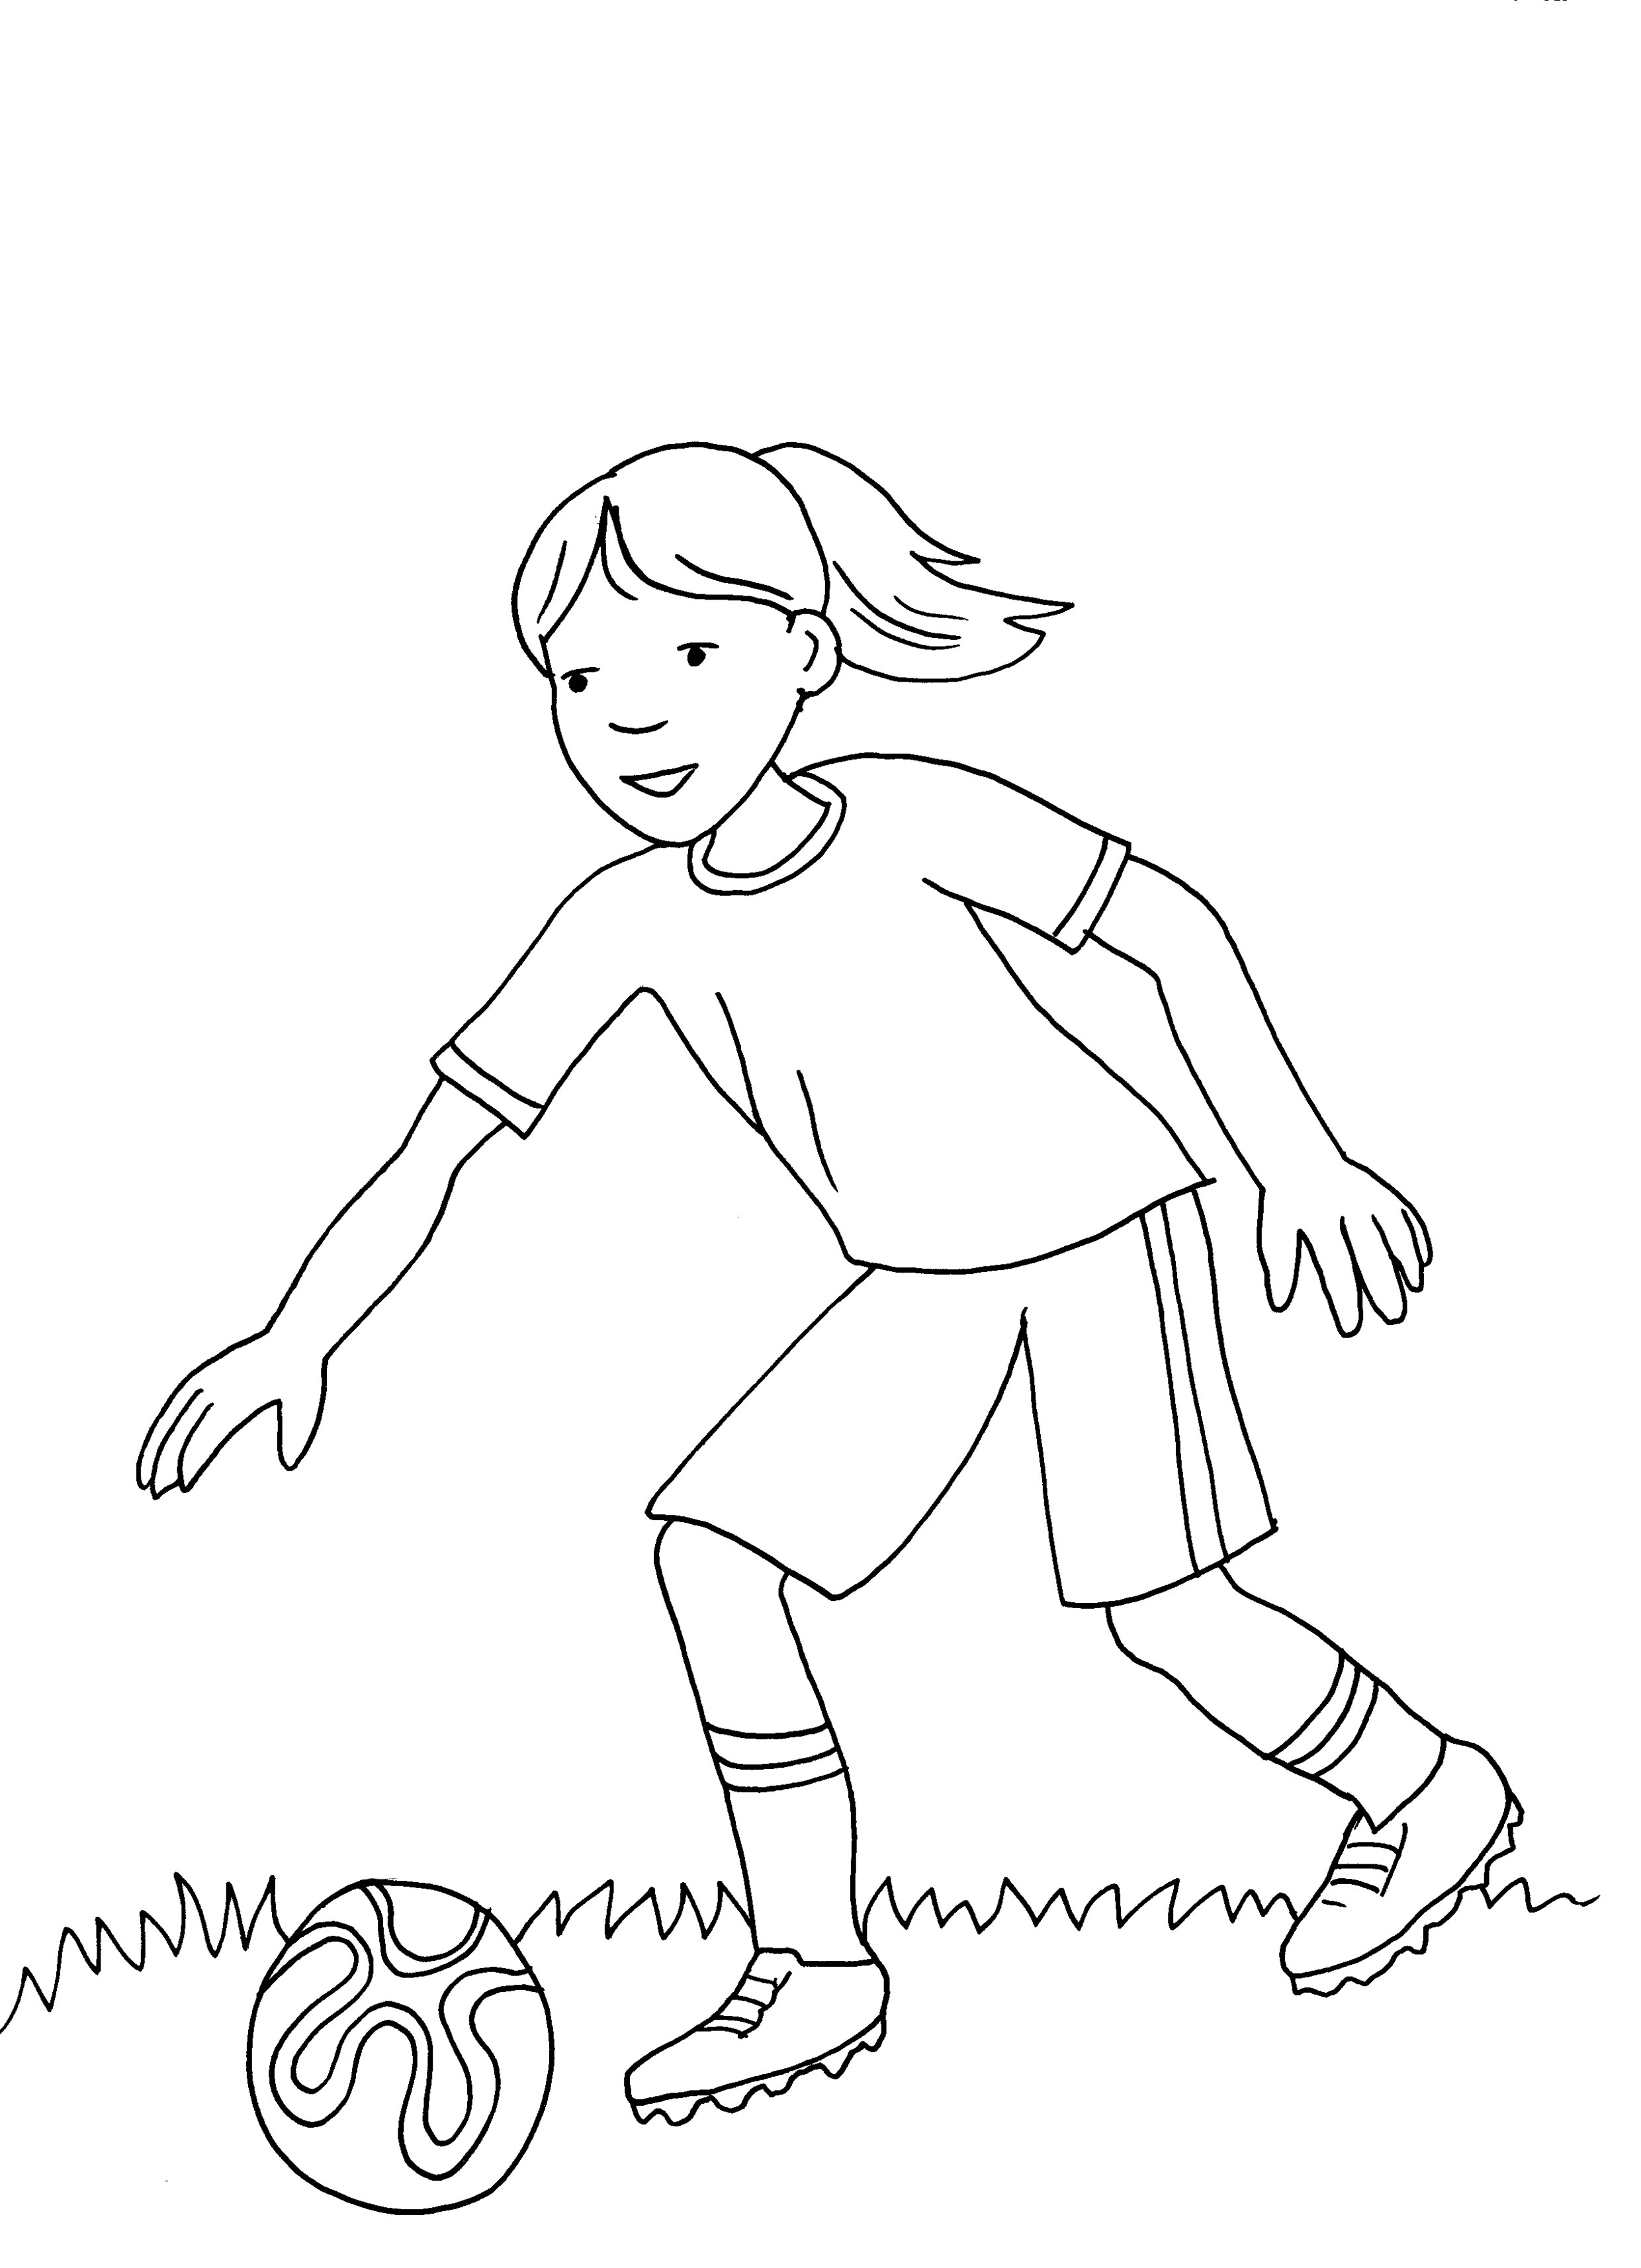 Kostenlose Malvorlage Sport Madchen Spielt Fussball Zum Ausmalen